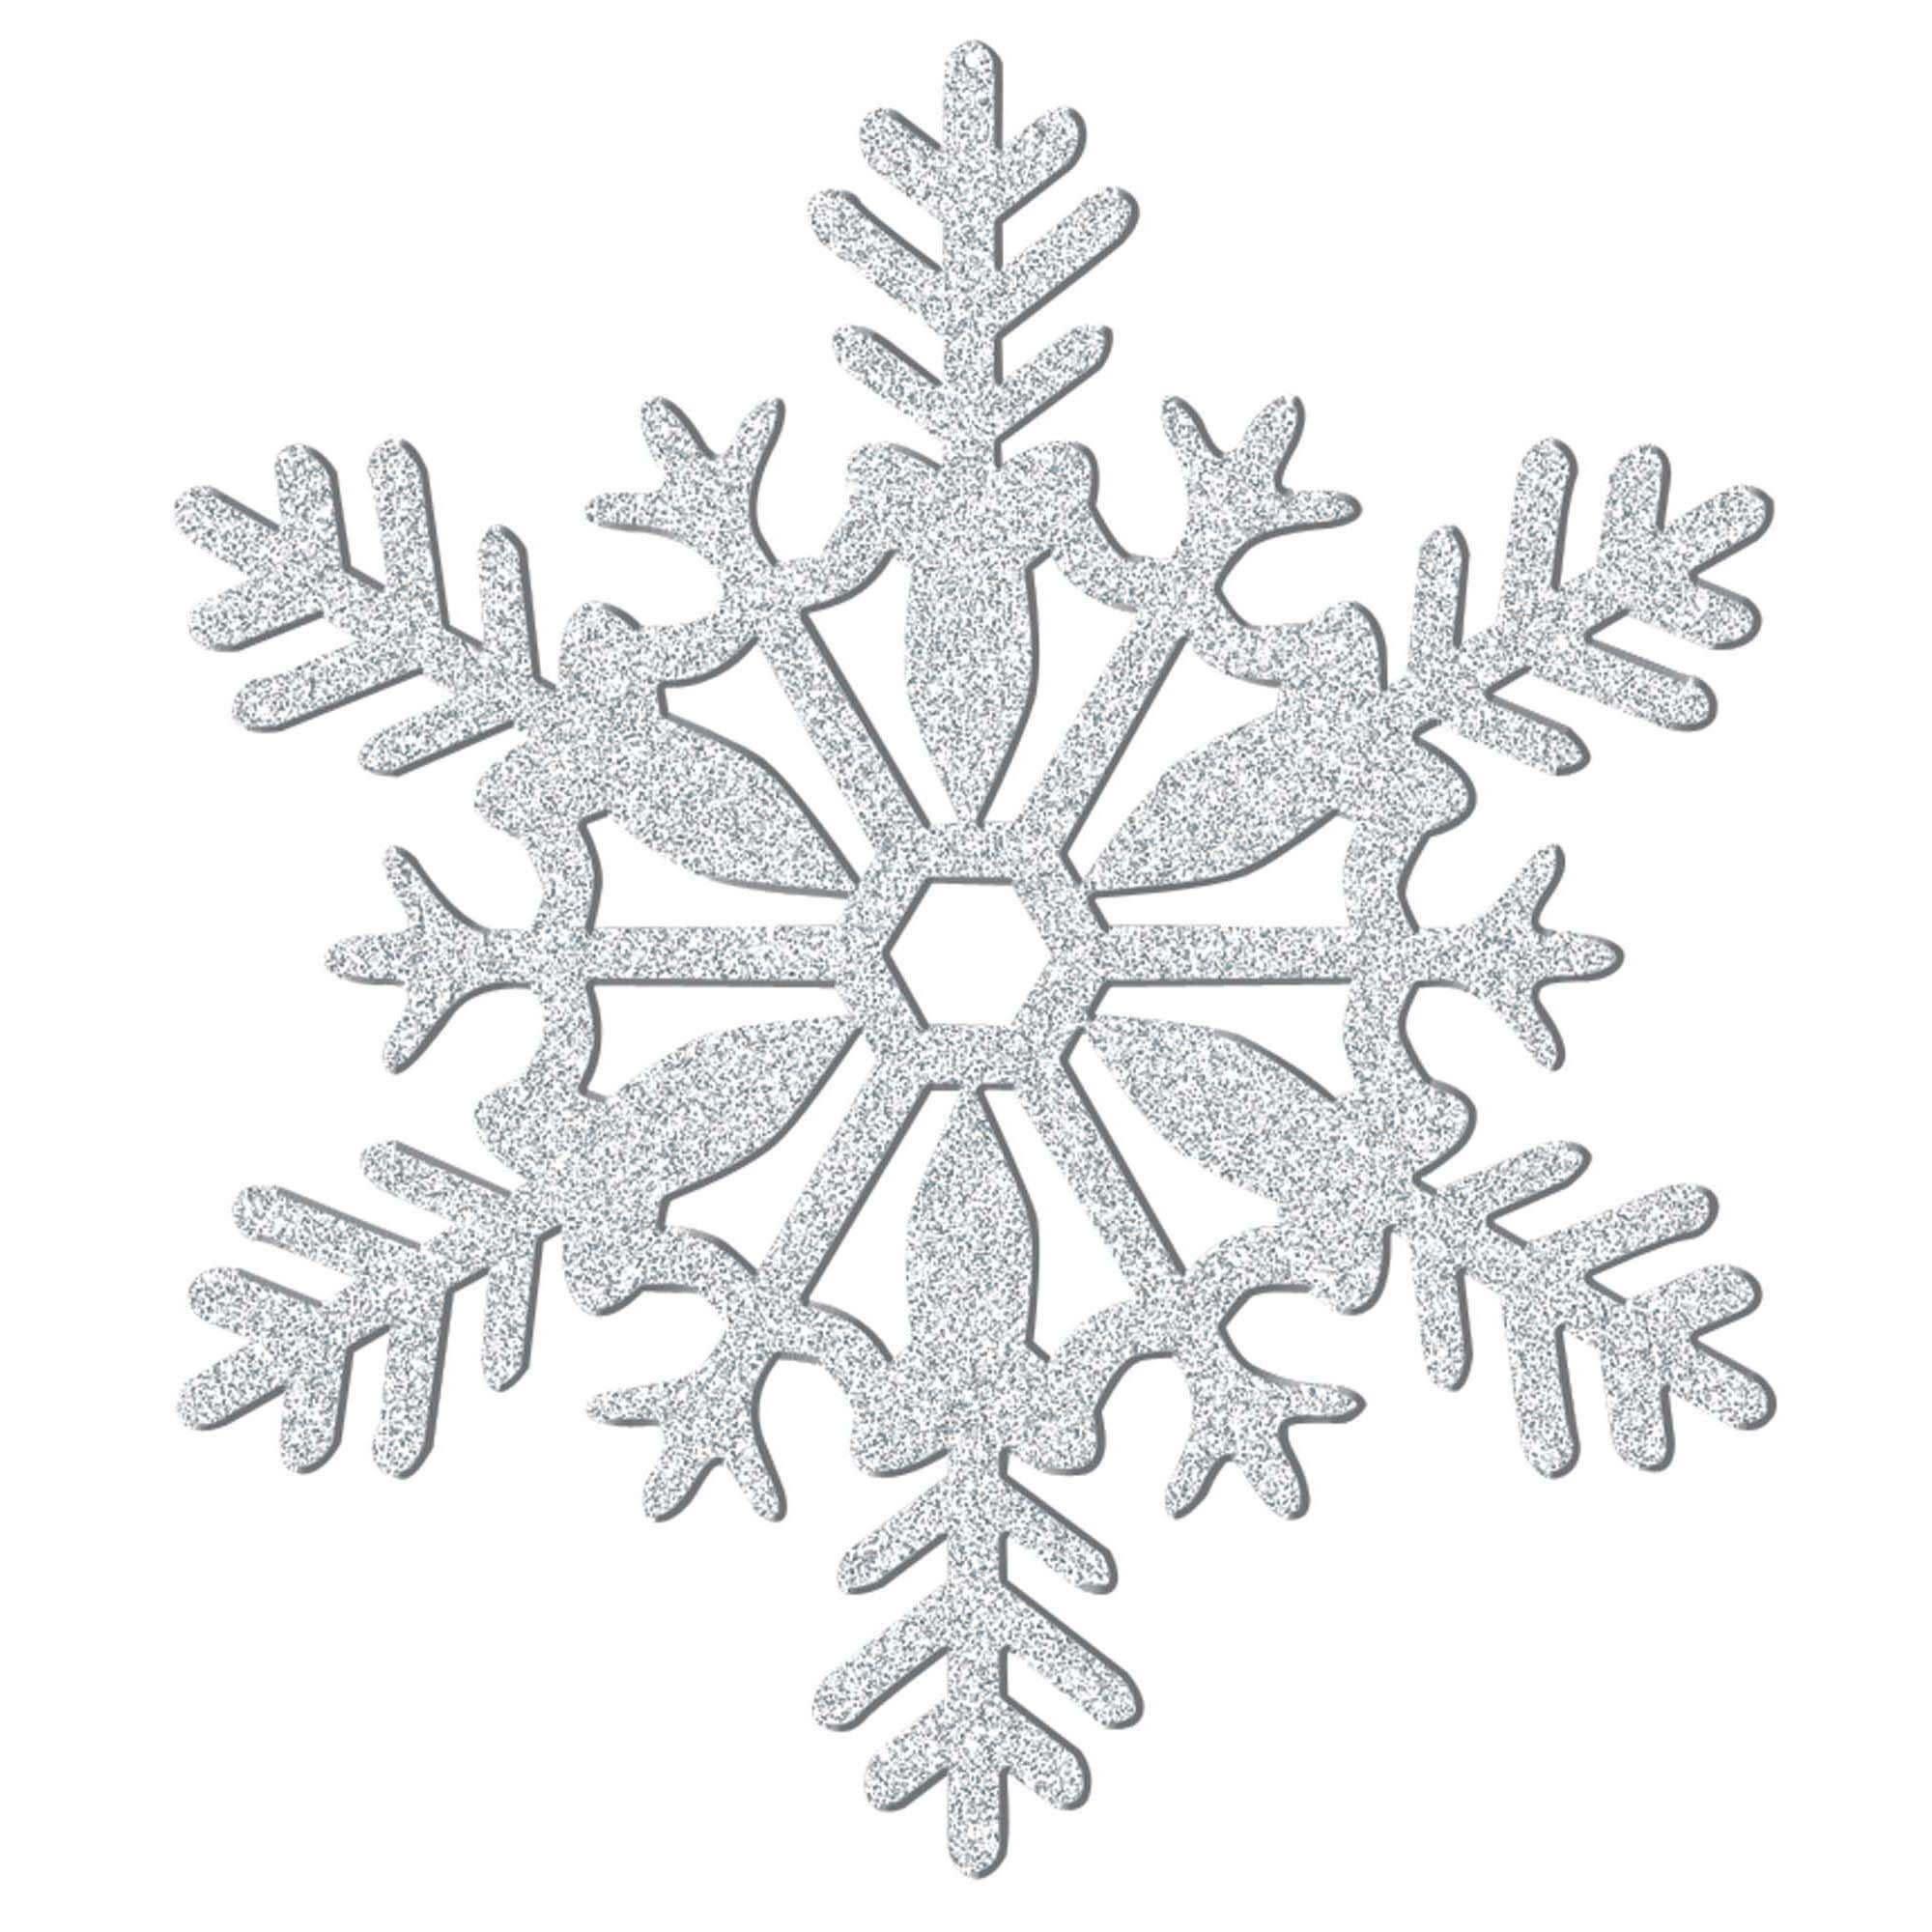 Glitter Plastic Snowflake Decoration - Silver